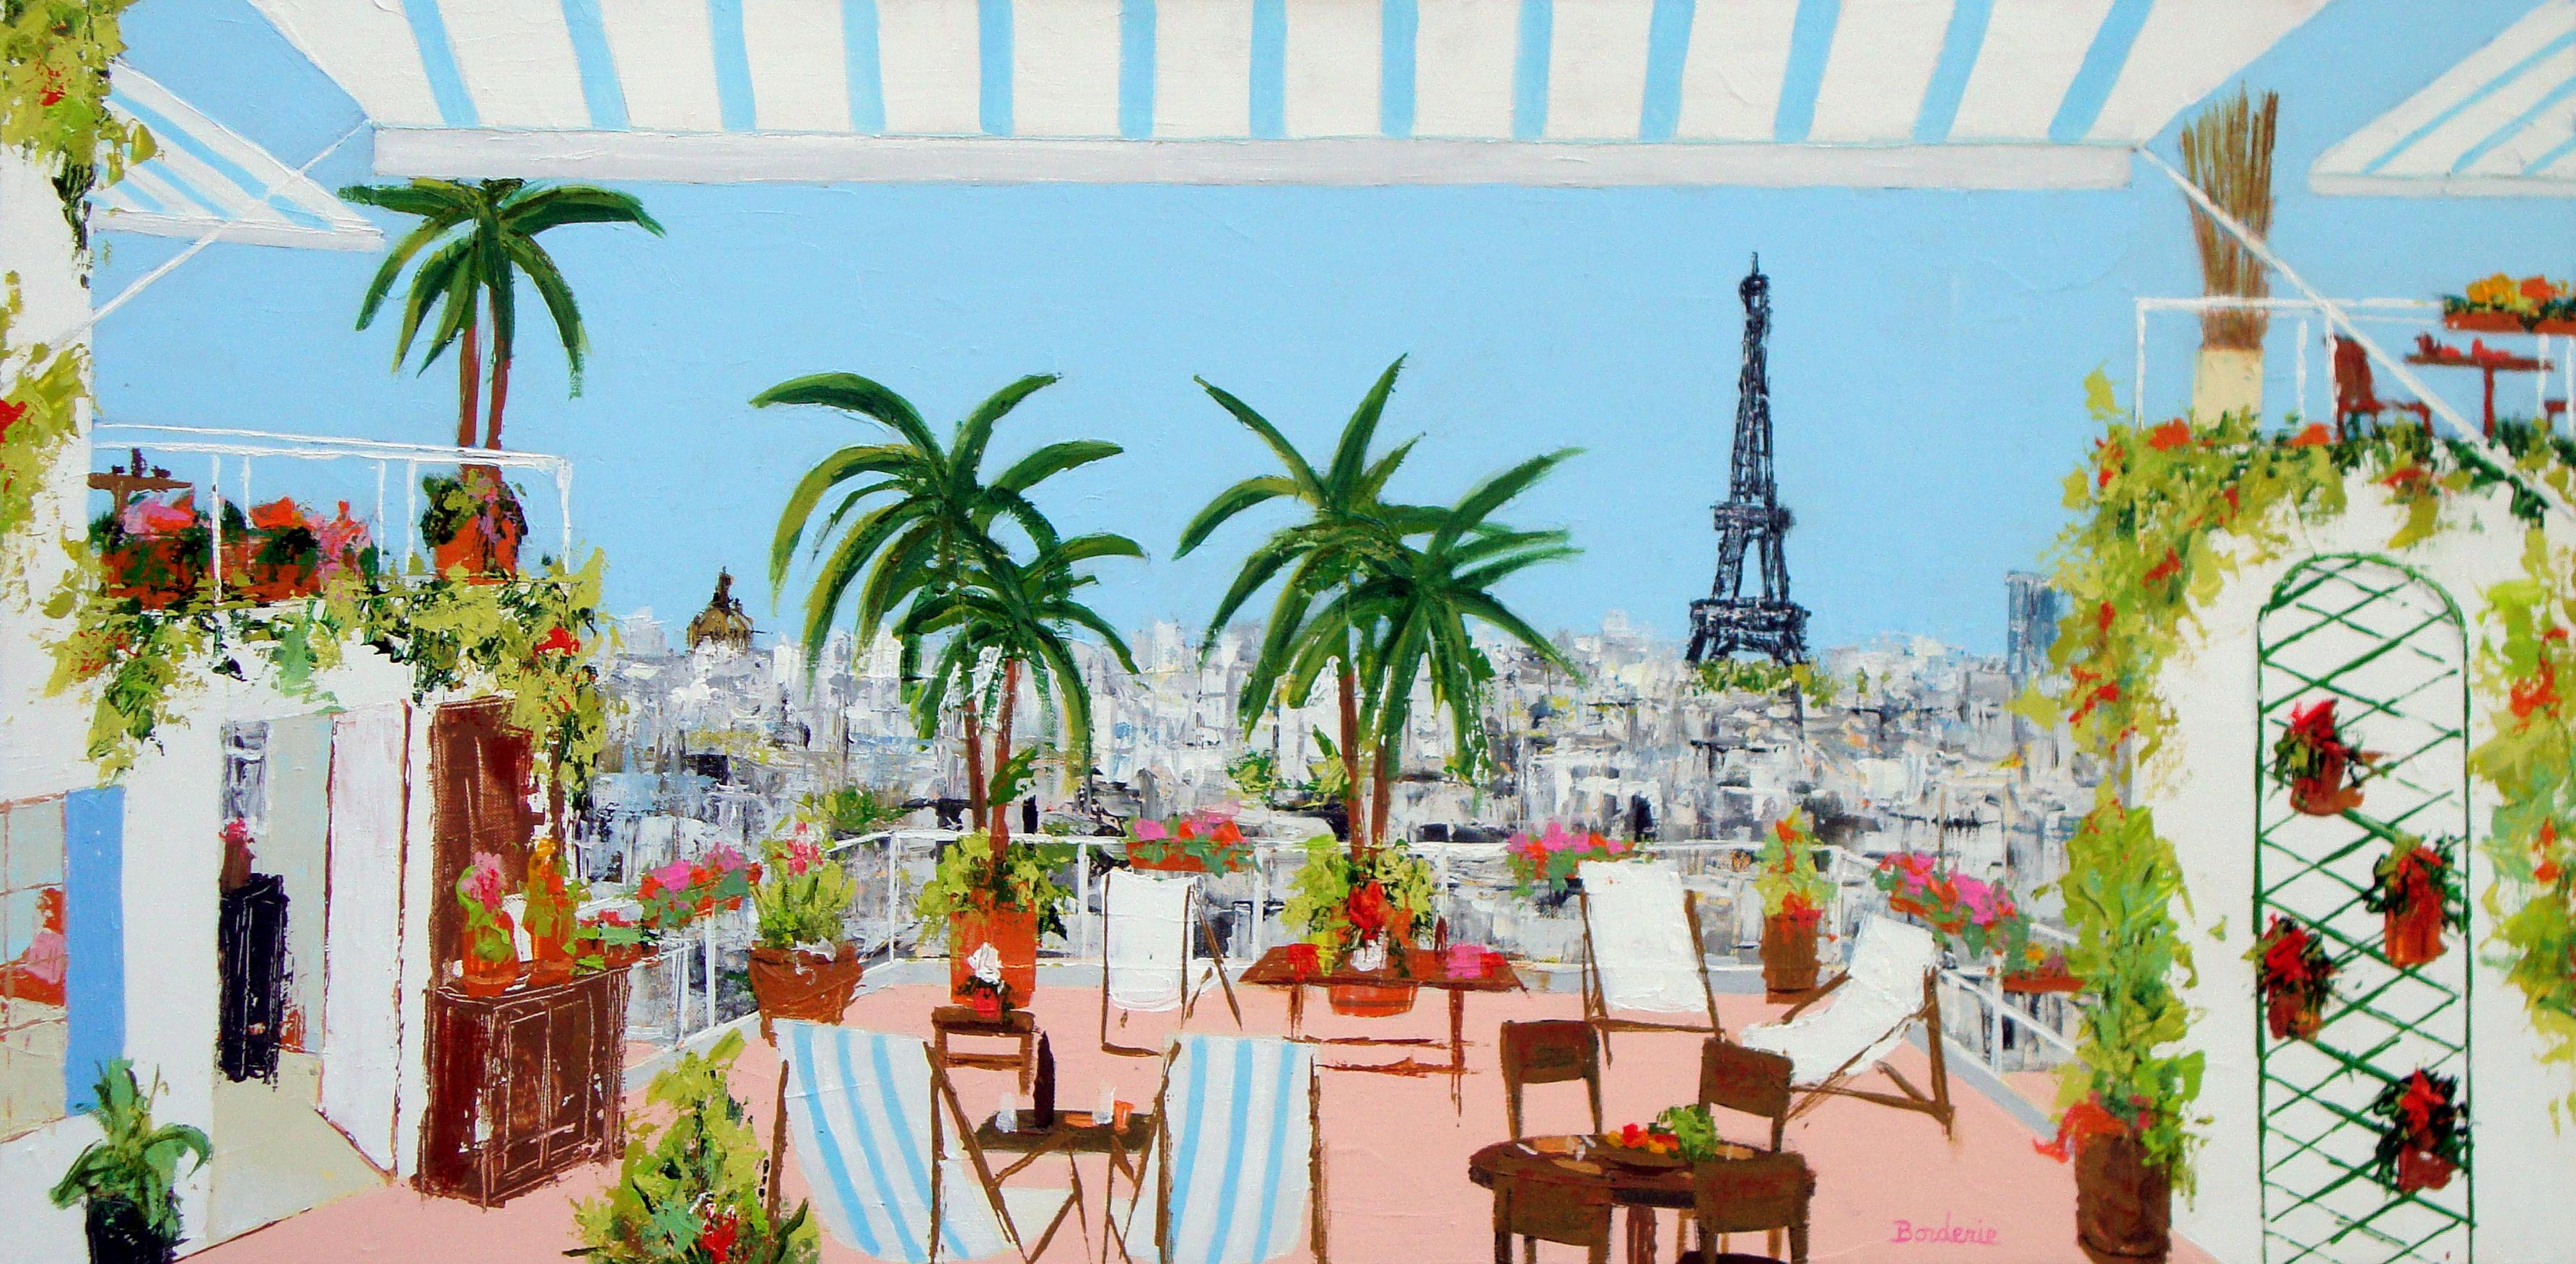 Les palmiers sur une terrasse devant la